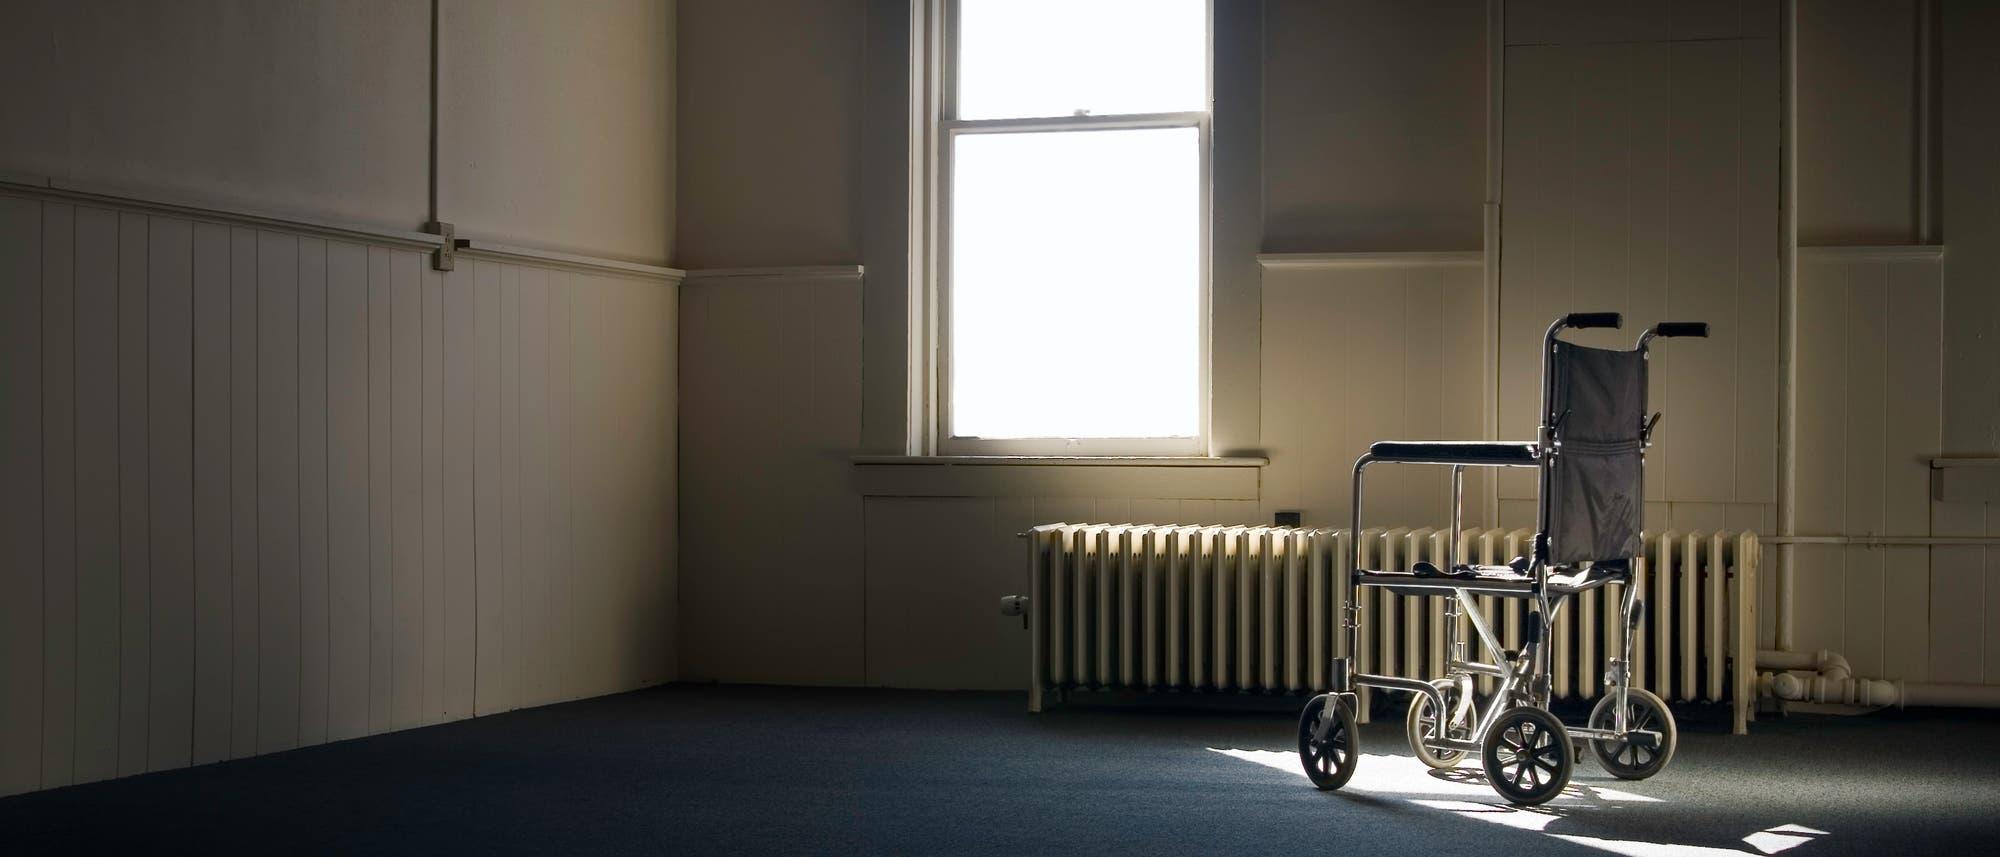 Leerer Rollstuhl in einem Krankenhauszimmer